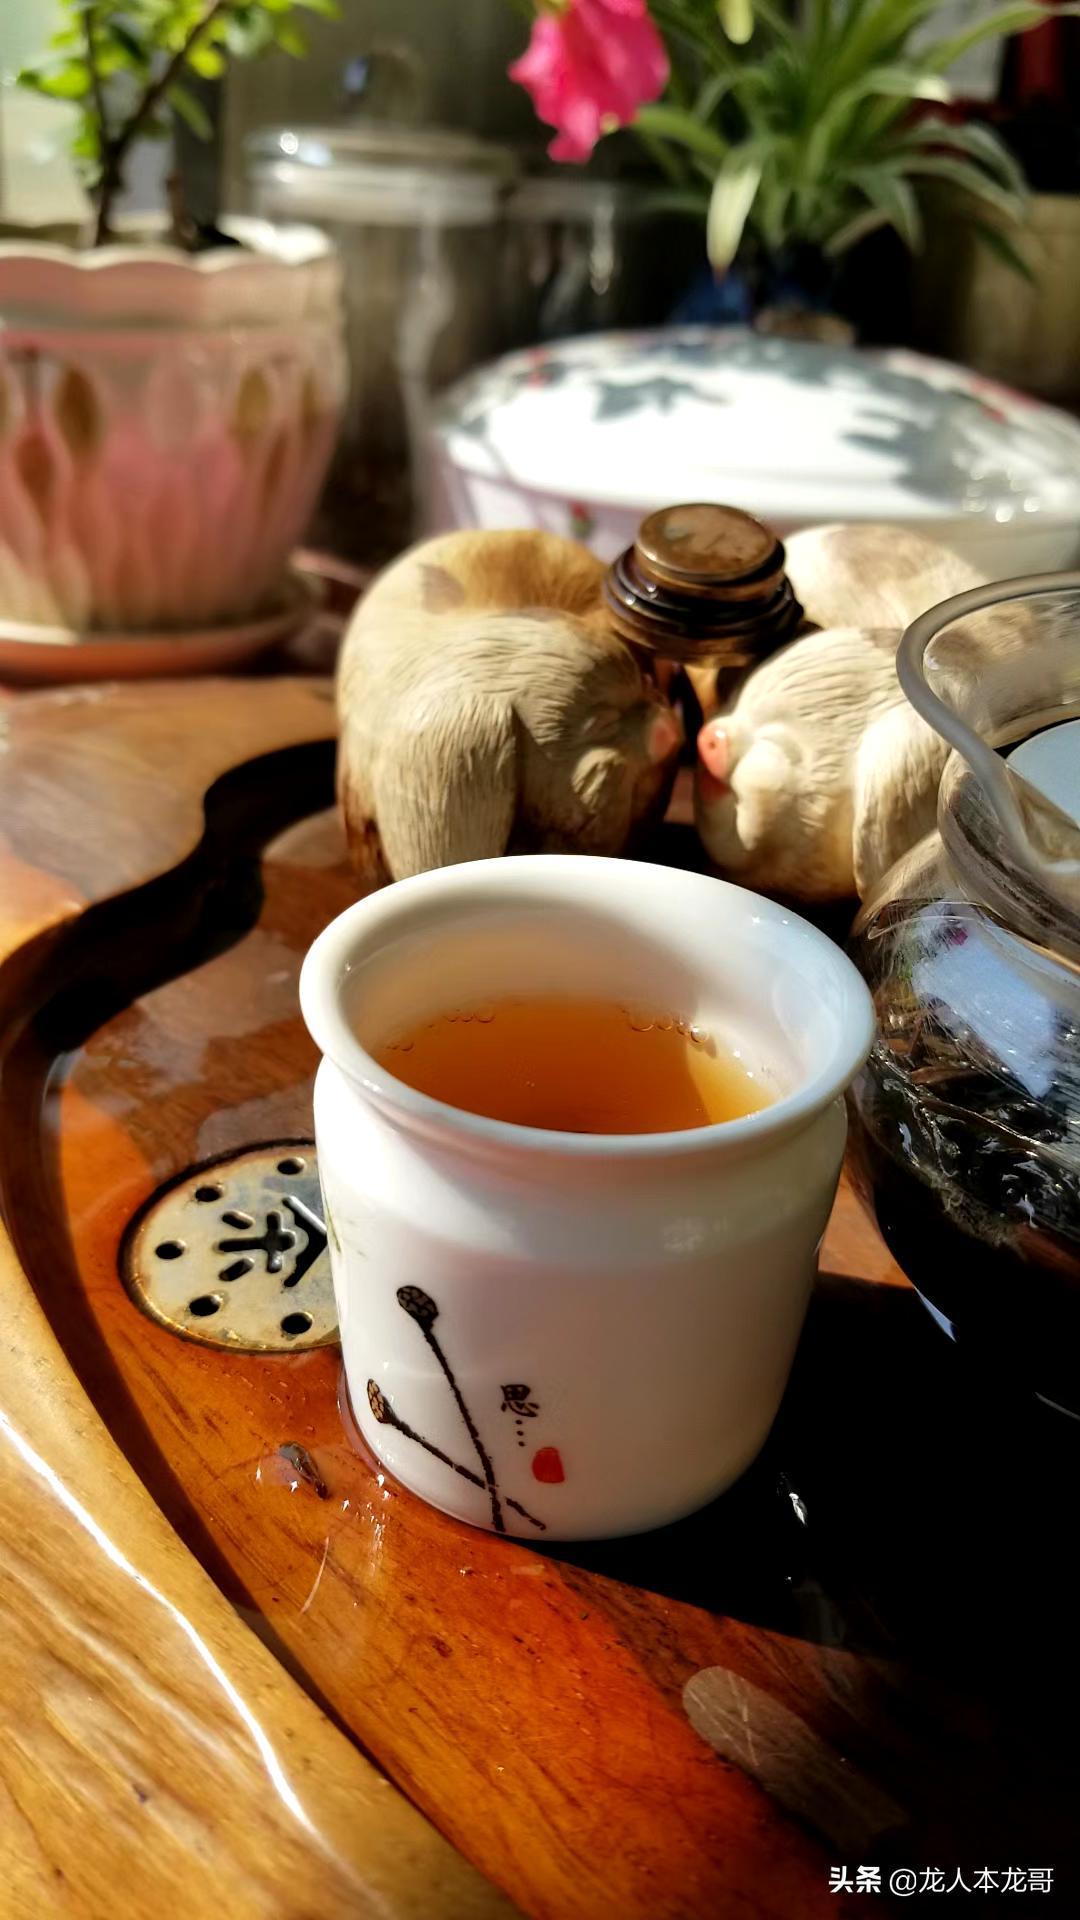 春节备齐这7种茶具,喝红茶、白茶、岩茶都能用,省钱又方便